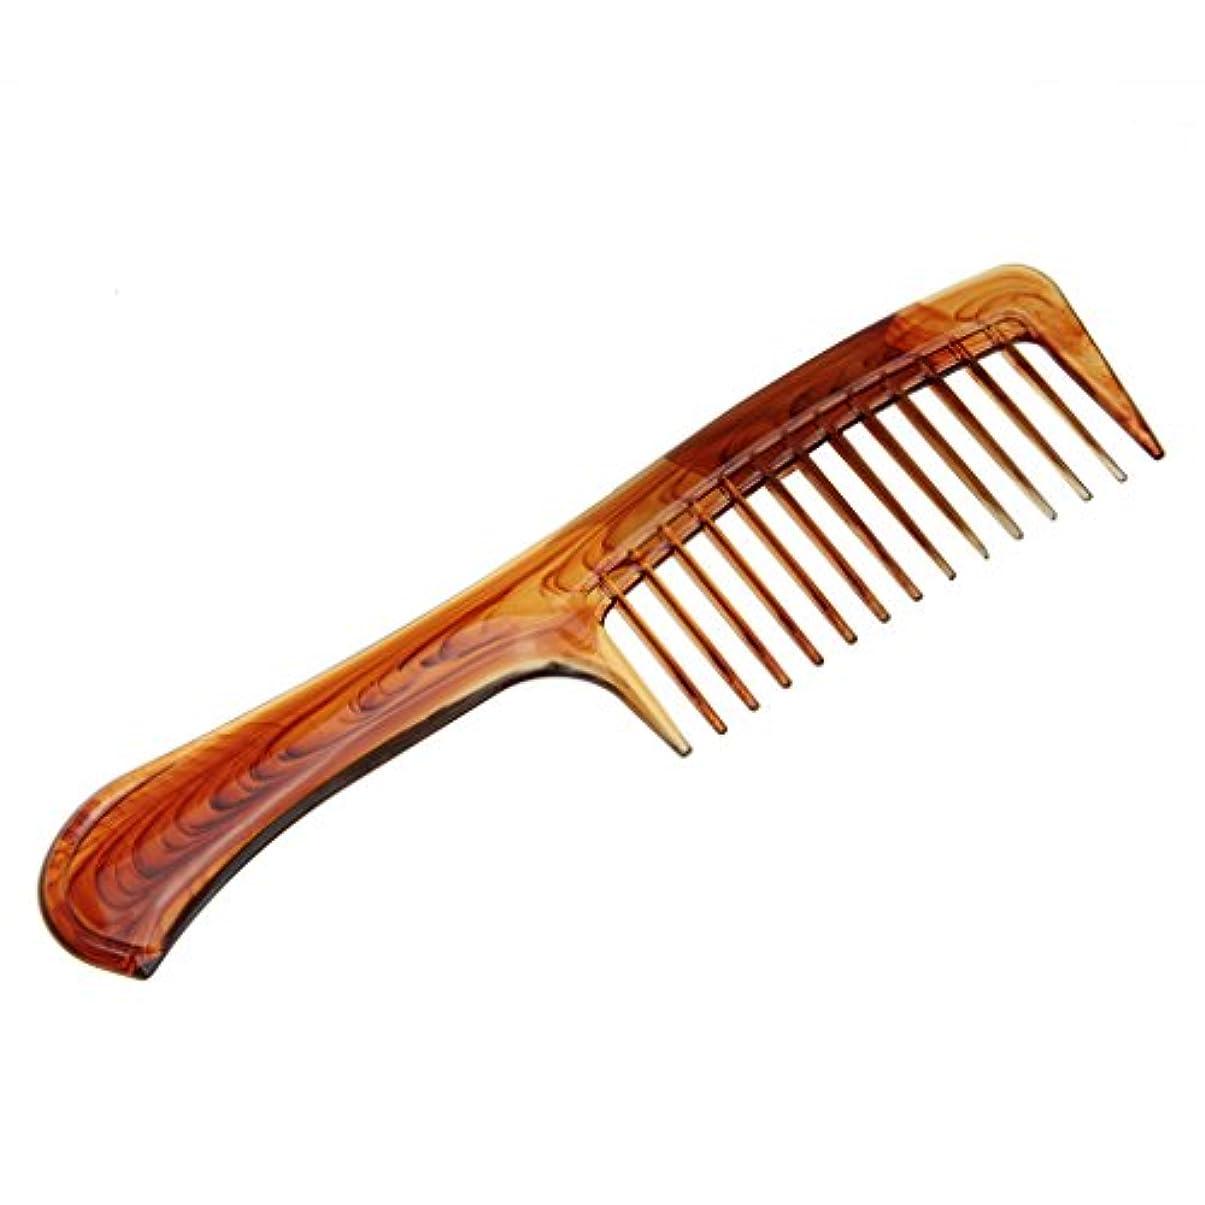 有名人枯渇するはっきりしないヘアくし 櫛 コーム 天然琥珀 静電気 防止 通りやすい 荒目 くし 頭皮マッサージ 美髪コーム 軽量 プラスチック 携帯に便利 男女兼用 くし 人気 贈り物 プレゼント B型